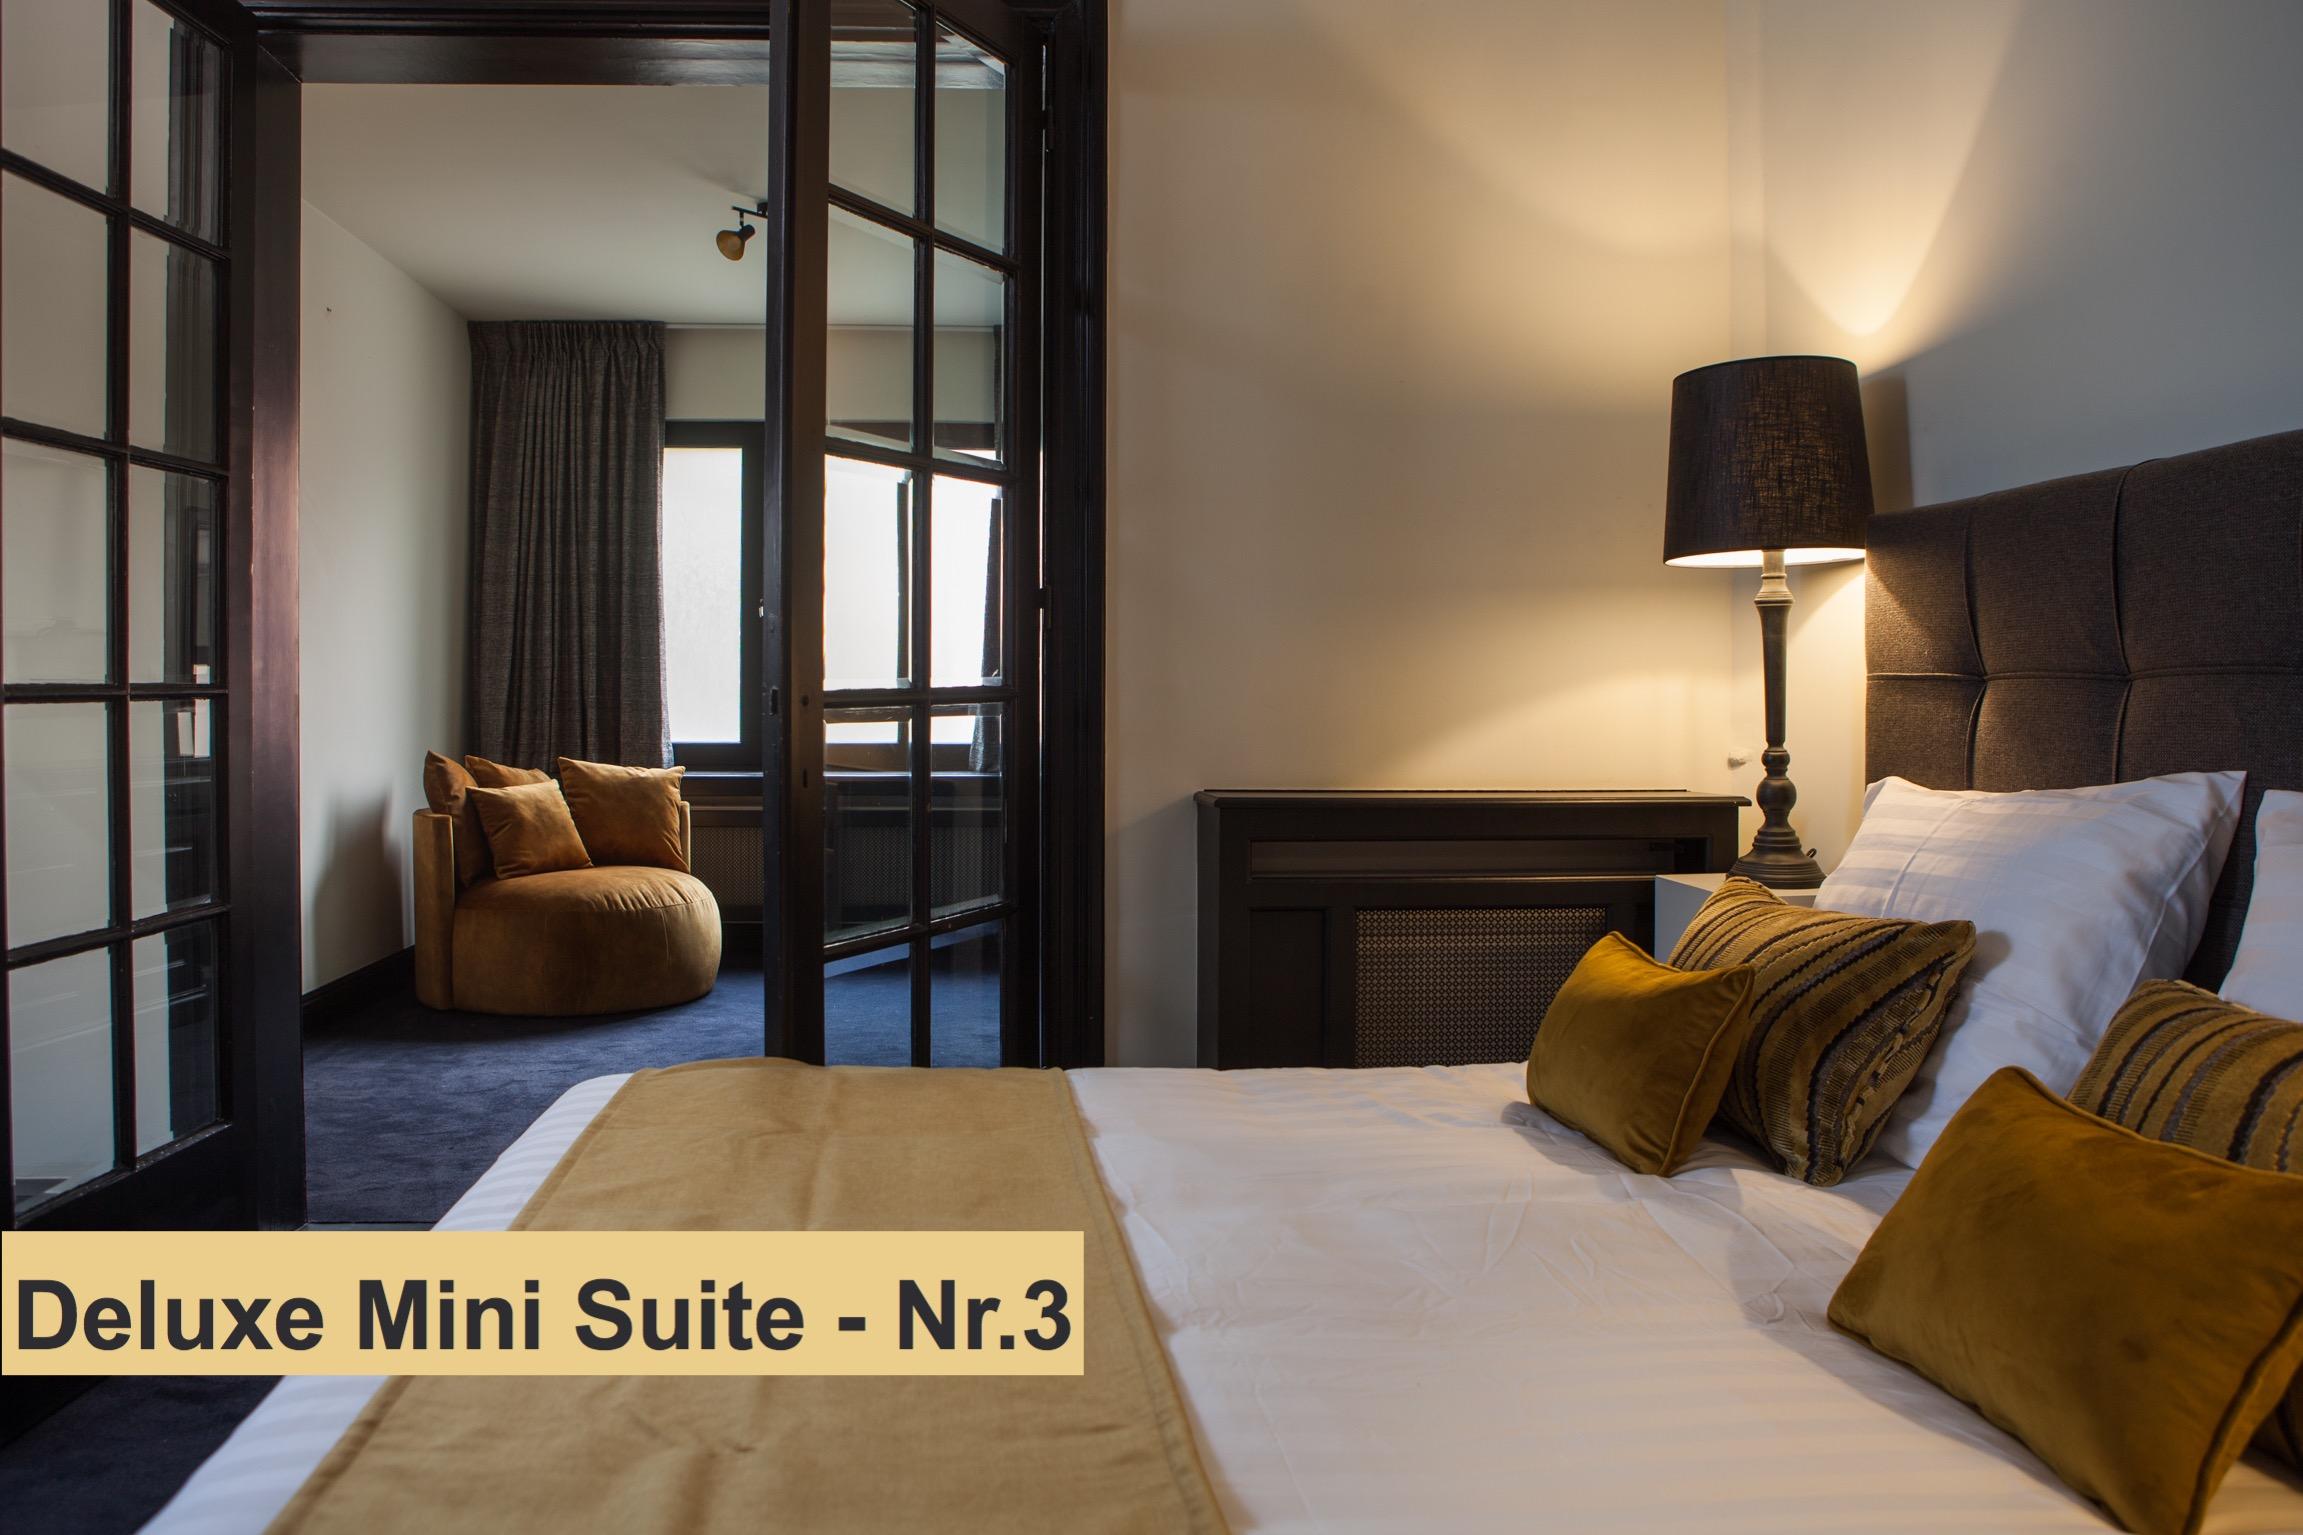 Deluxe Mini Suite - Nr